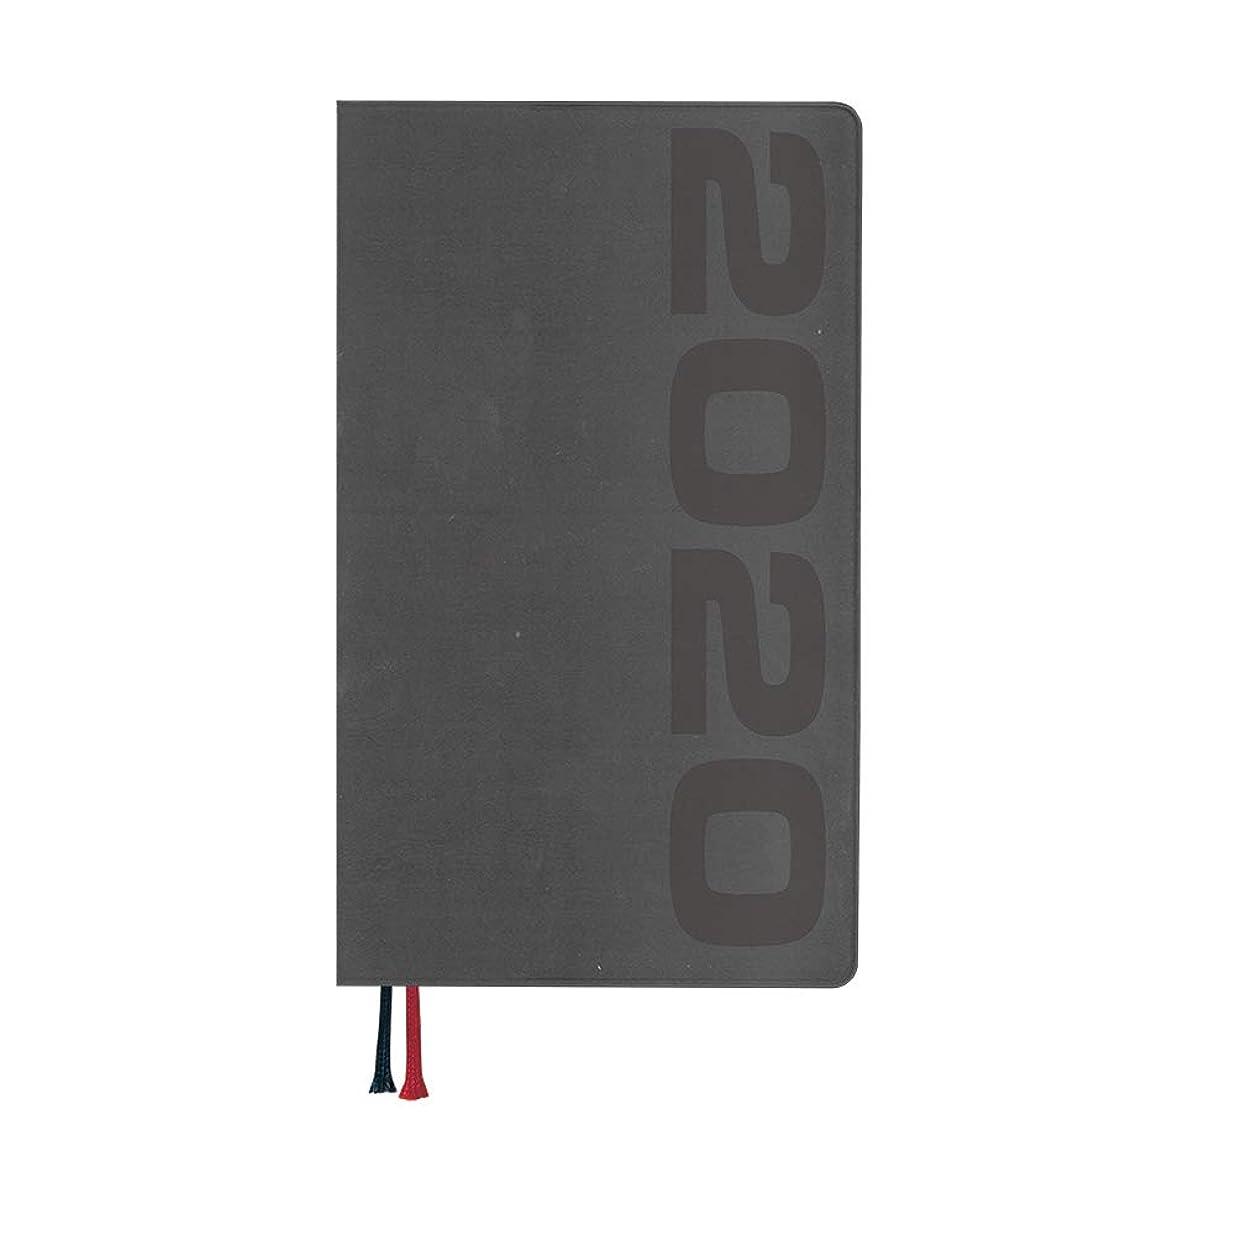 雰囲気等動力学ダイゴー 手帳 2020年 アポイント マンスリー 薄型 ブラック E1371 2019年 12月始まり